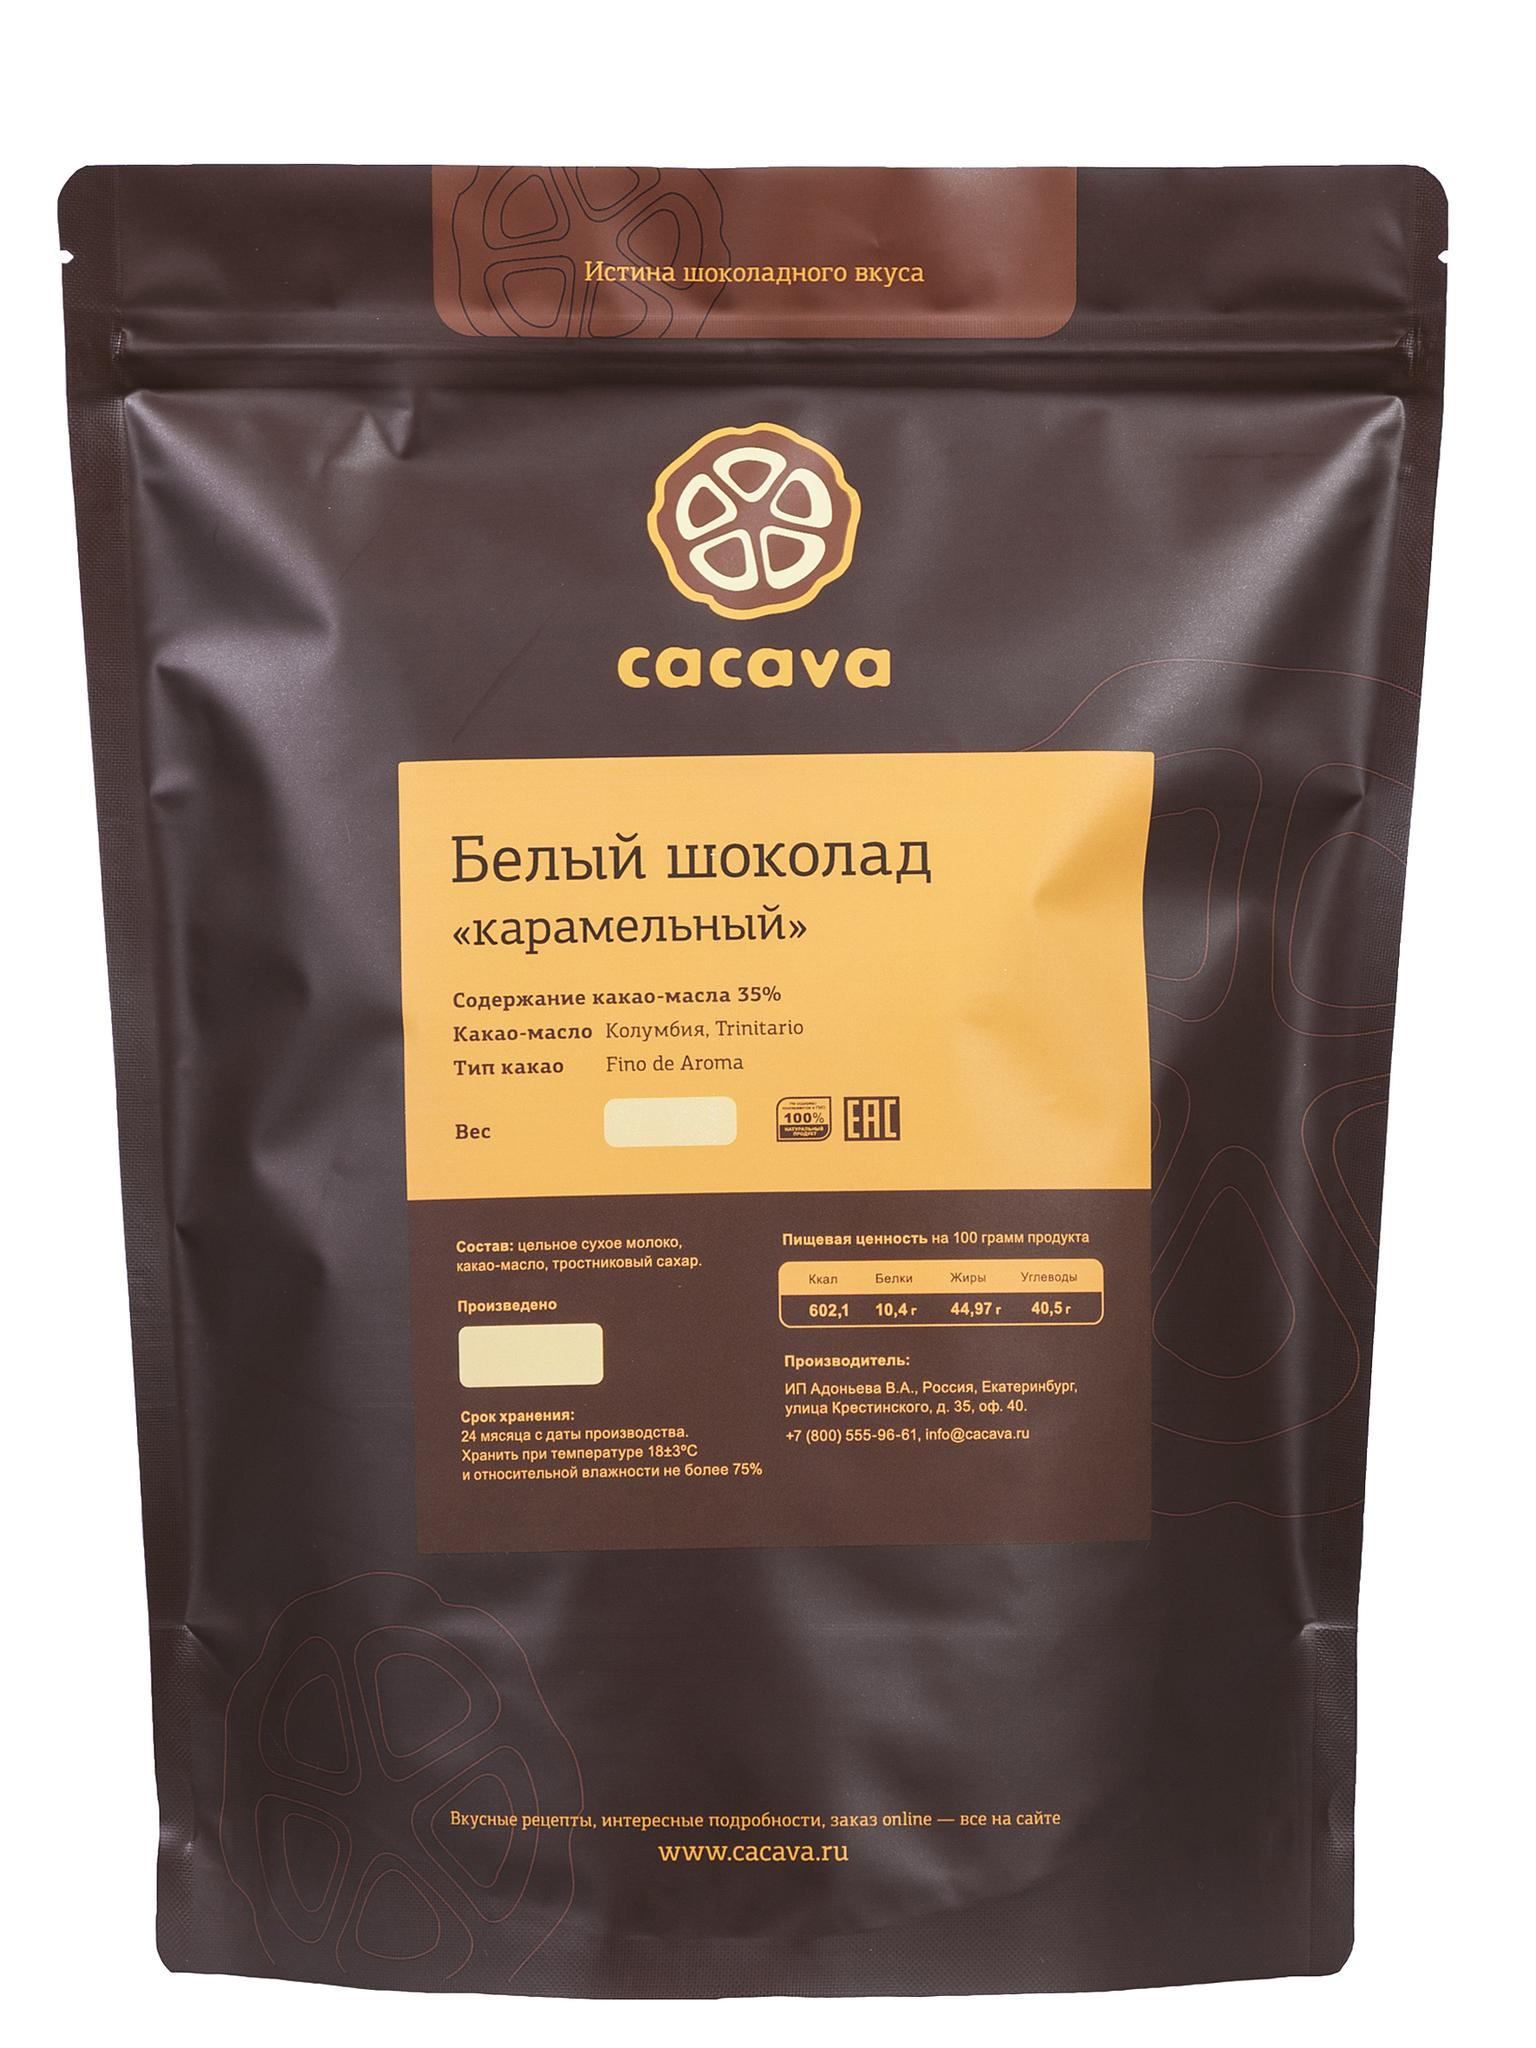 Белый шоколад, карамельный, упаковка 1 кг